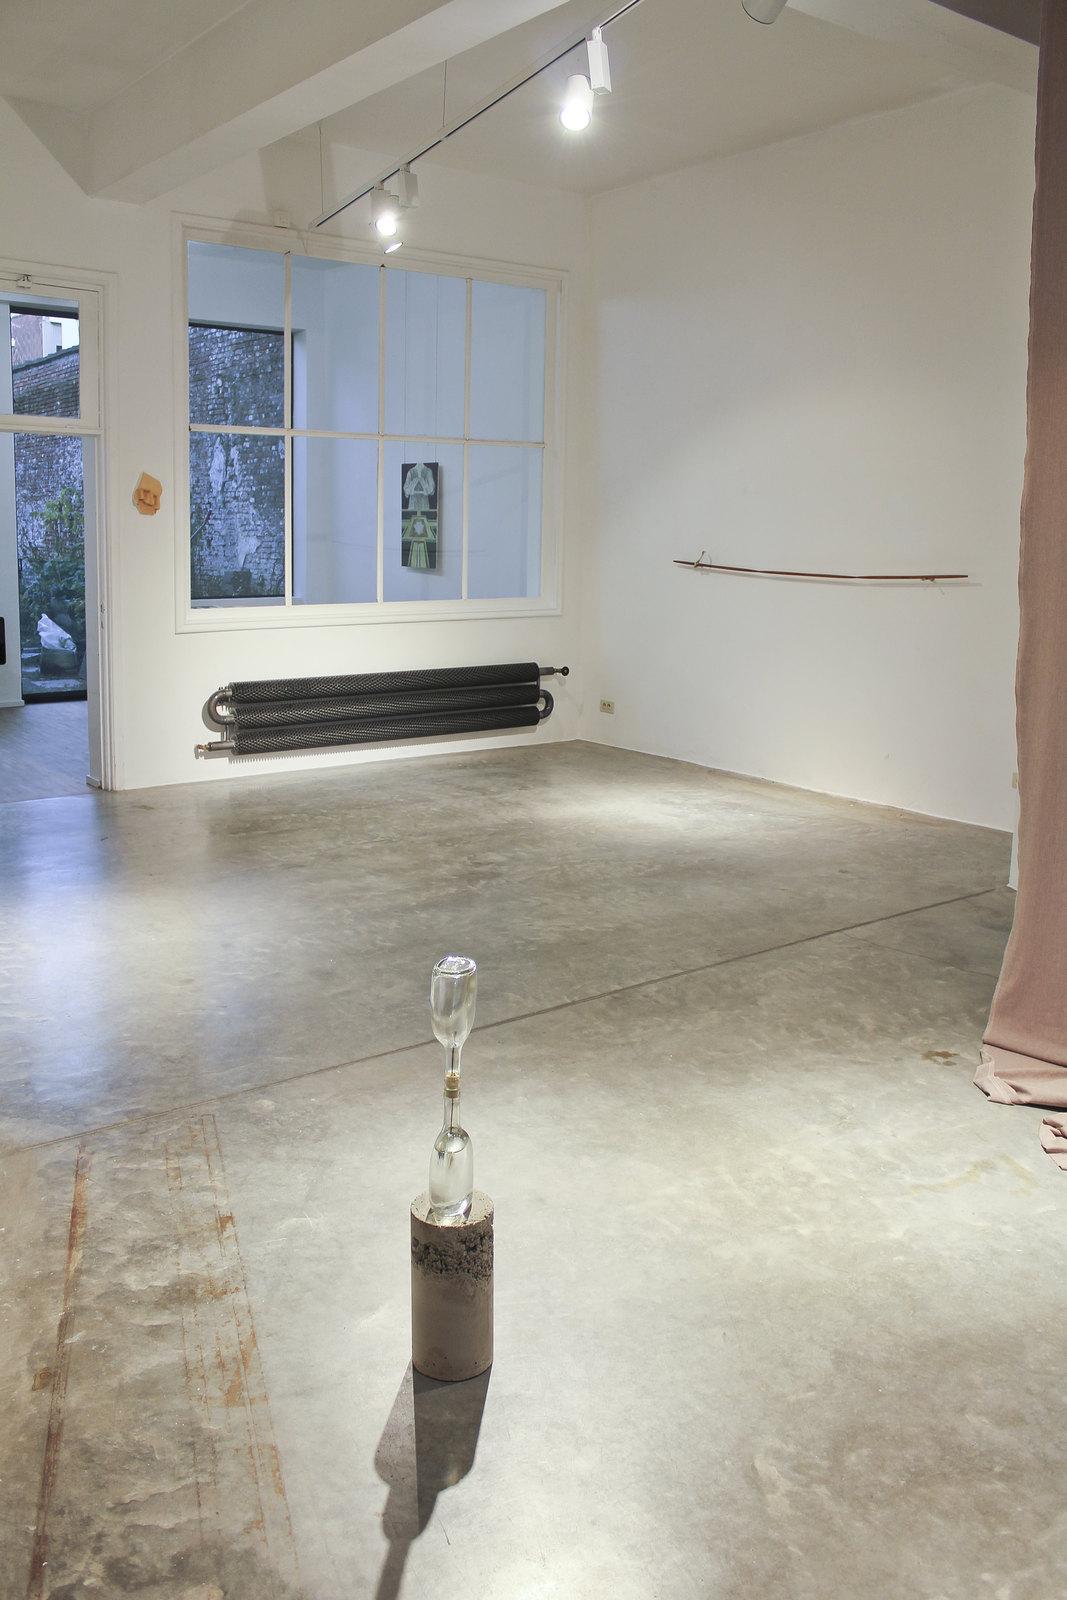 Federico Acal & Liesbeth Doms at DMW Art Space 14